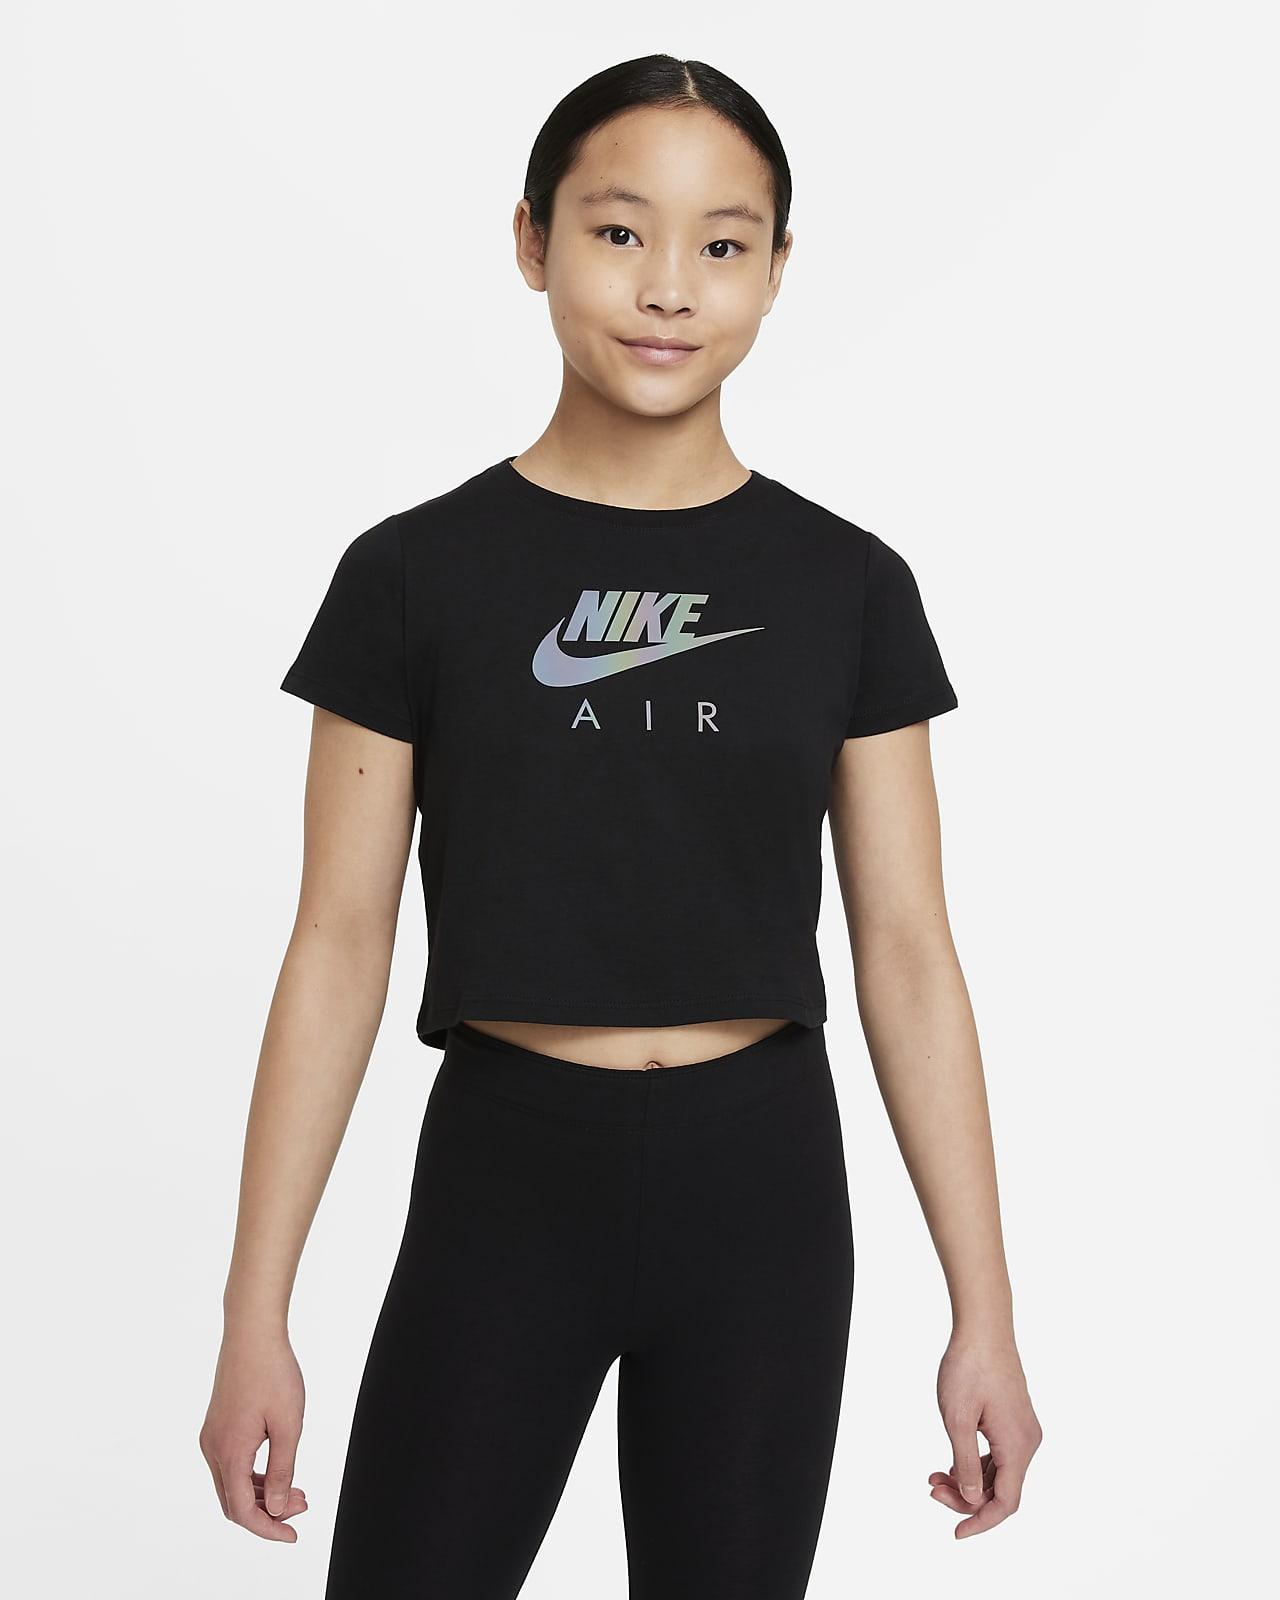 เสื้อยืดเอวลอยเด็กโต Nike Sportswear (หญิง)